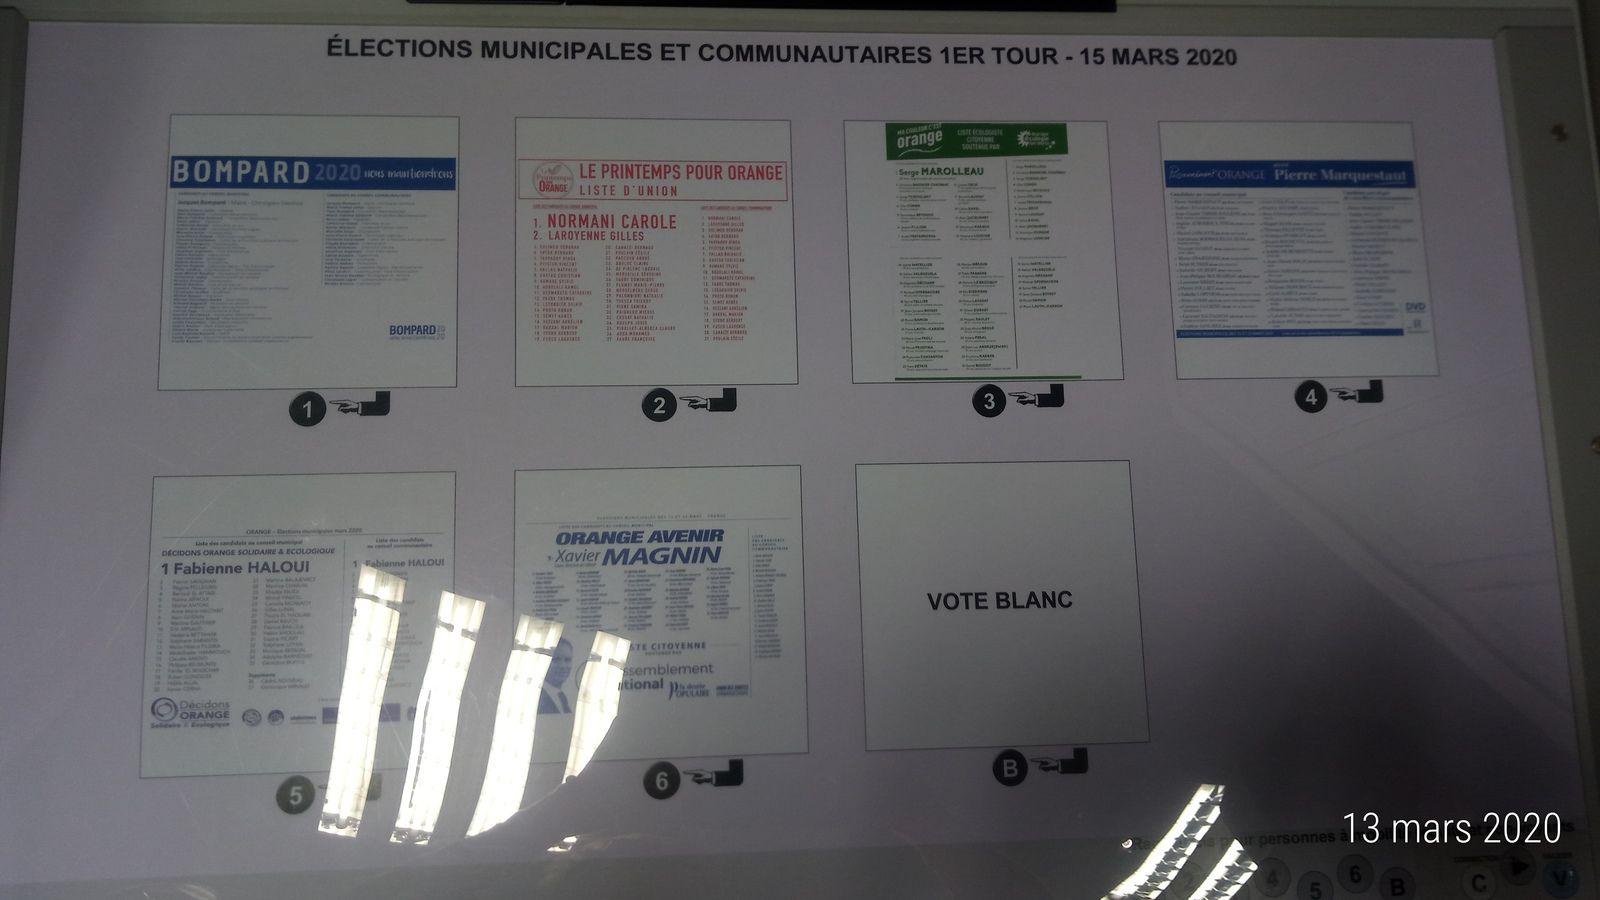 Fait: Les machines à voter sont programmées pour dimanche 15 mars 2020